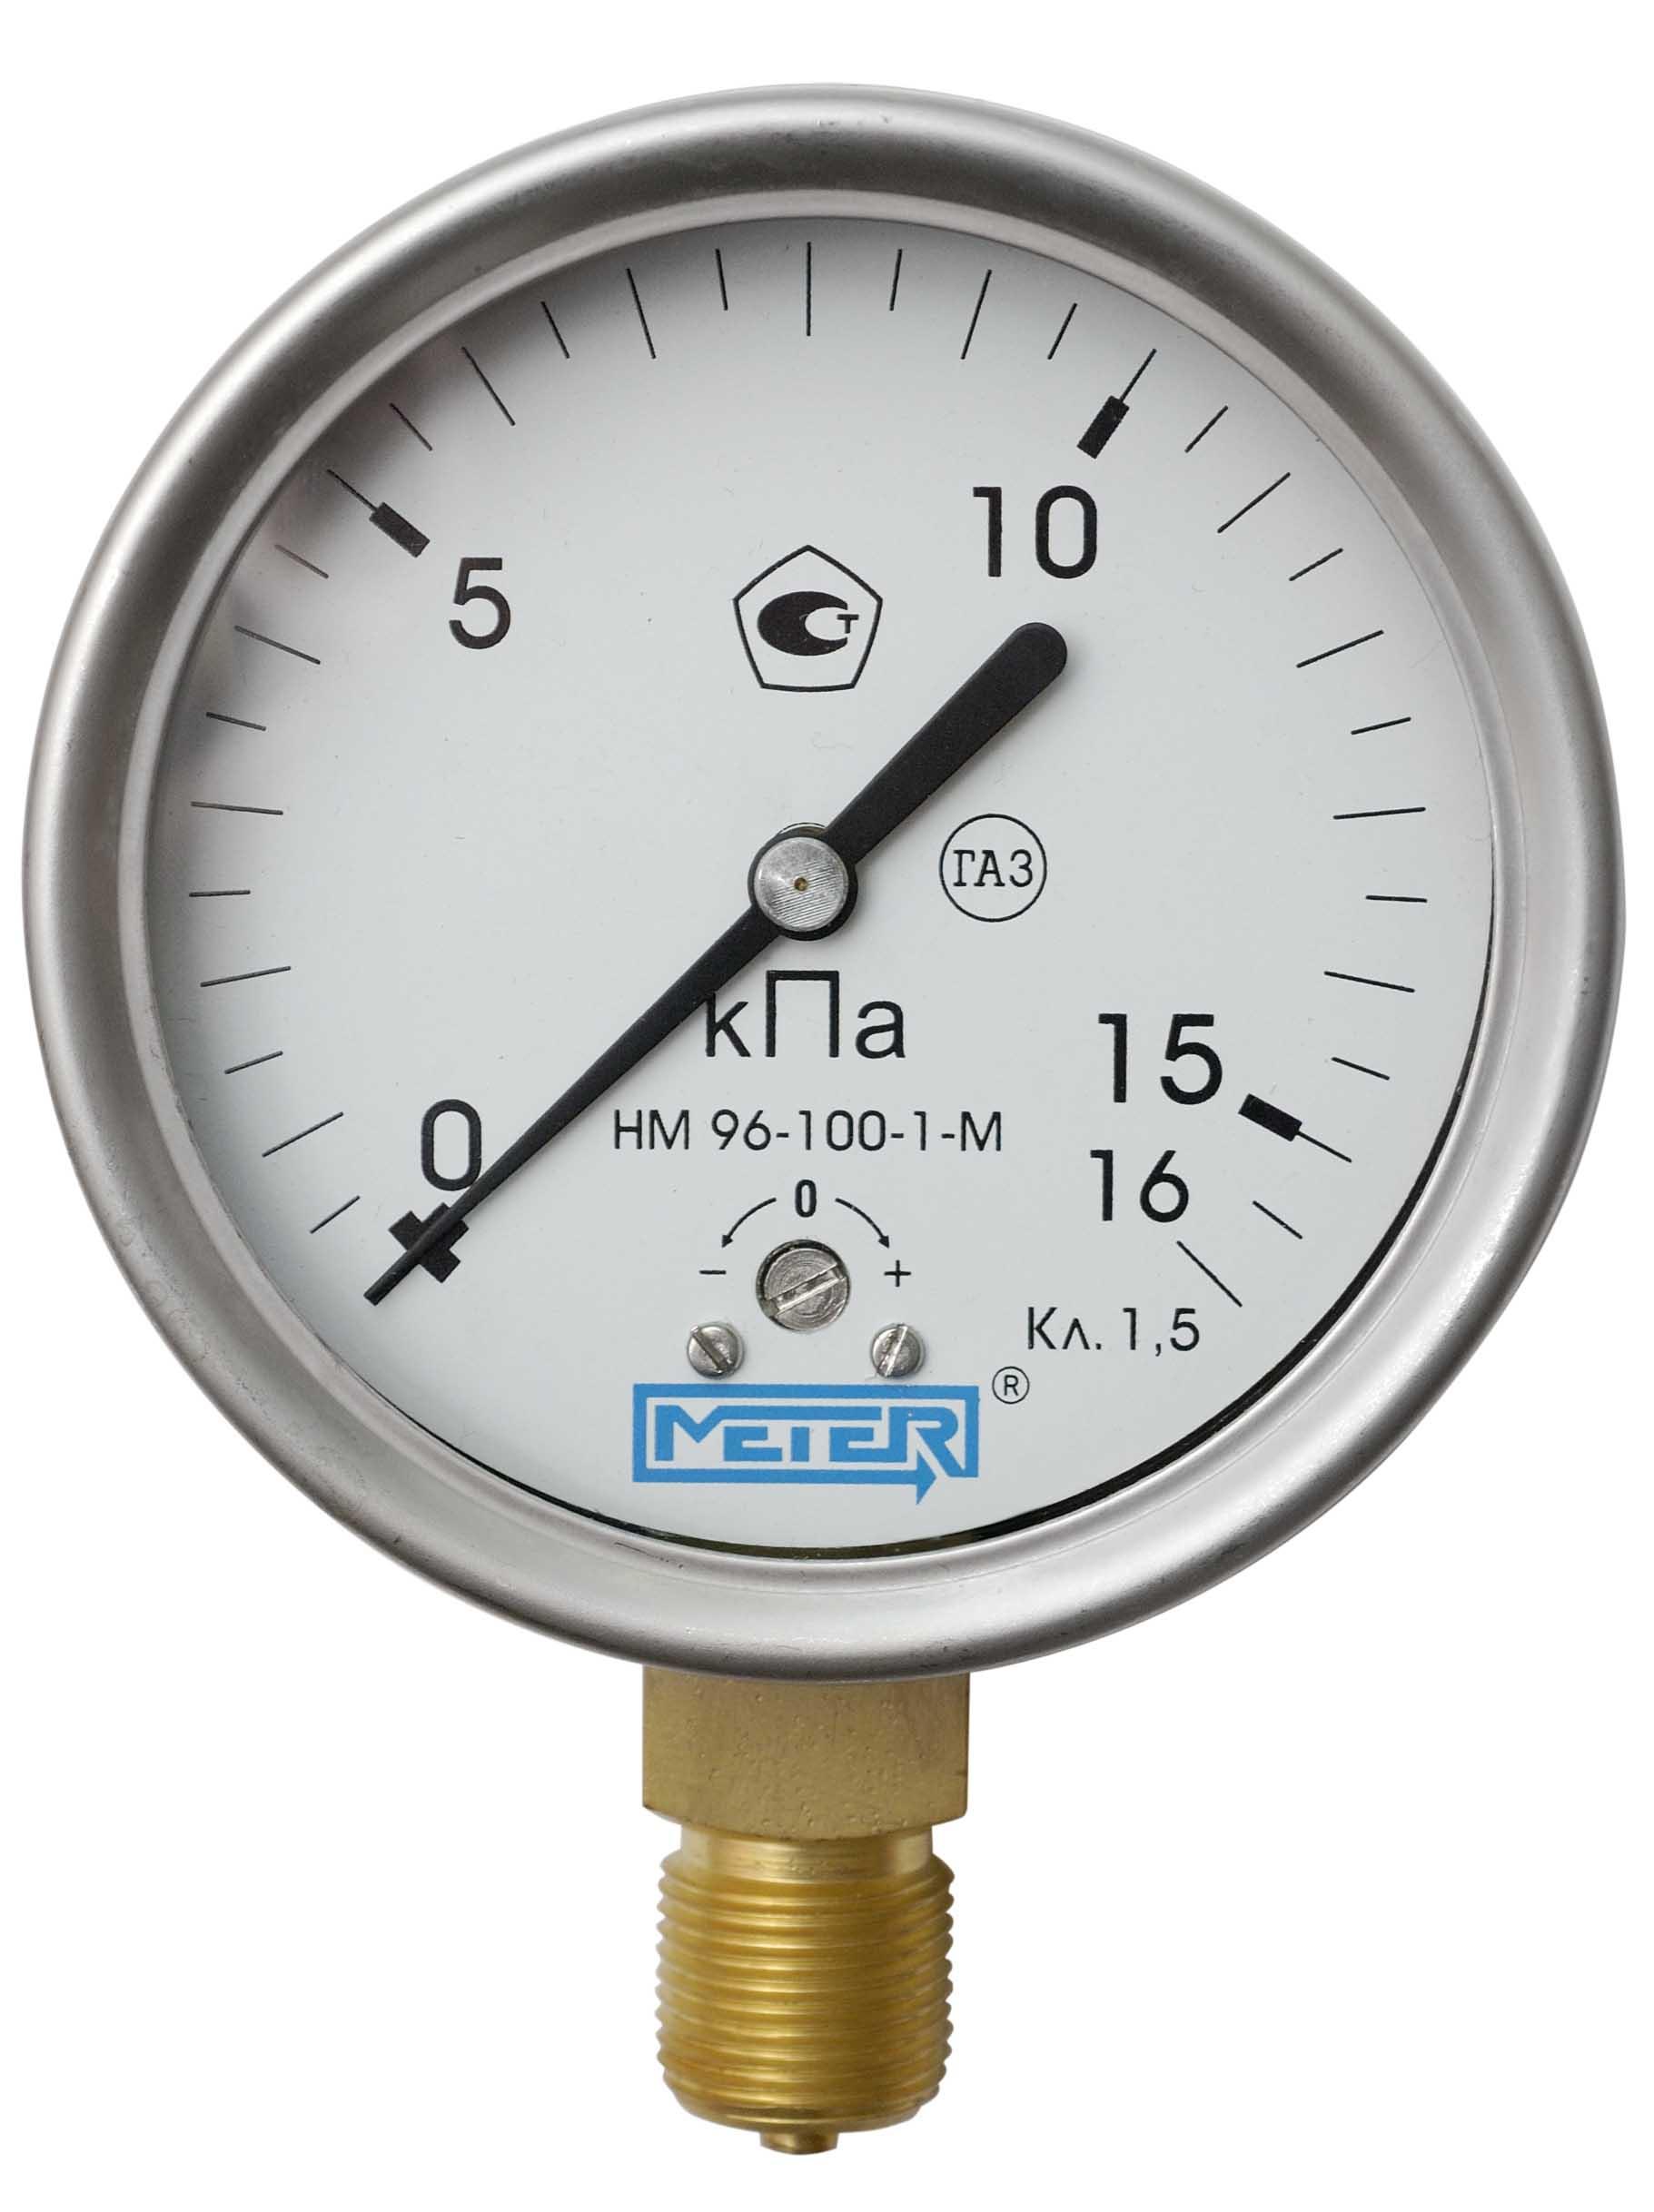 Датчик давления 415-ДД-8408-0.25/1.0 кПа-0.6 МПа-420-Т4-С-ГП